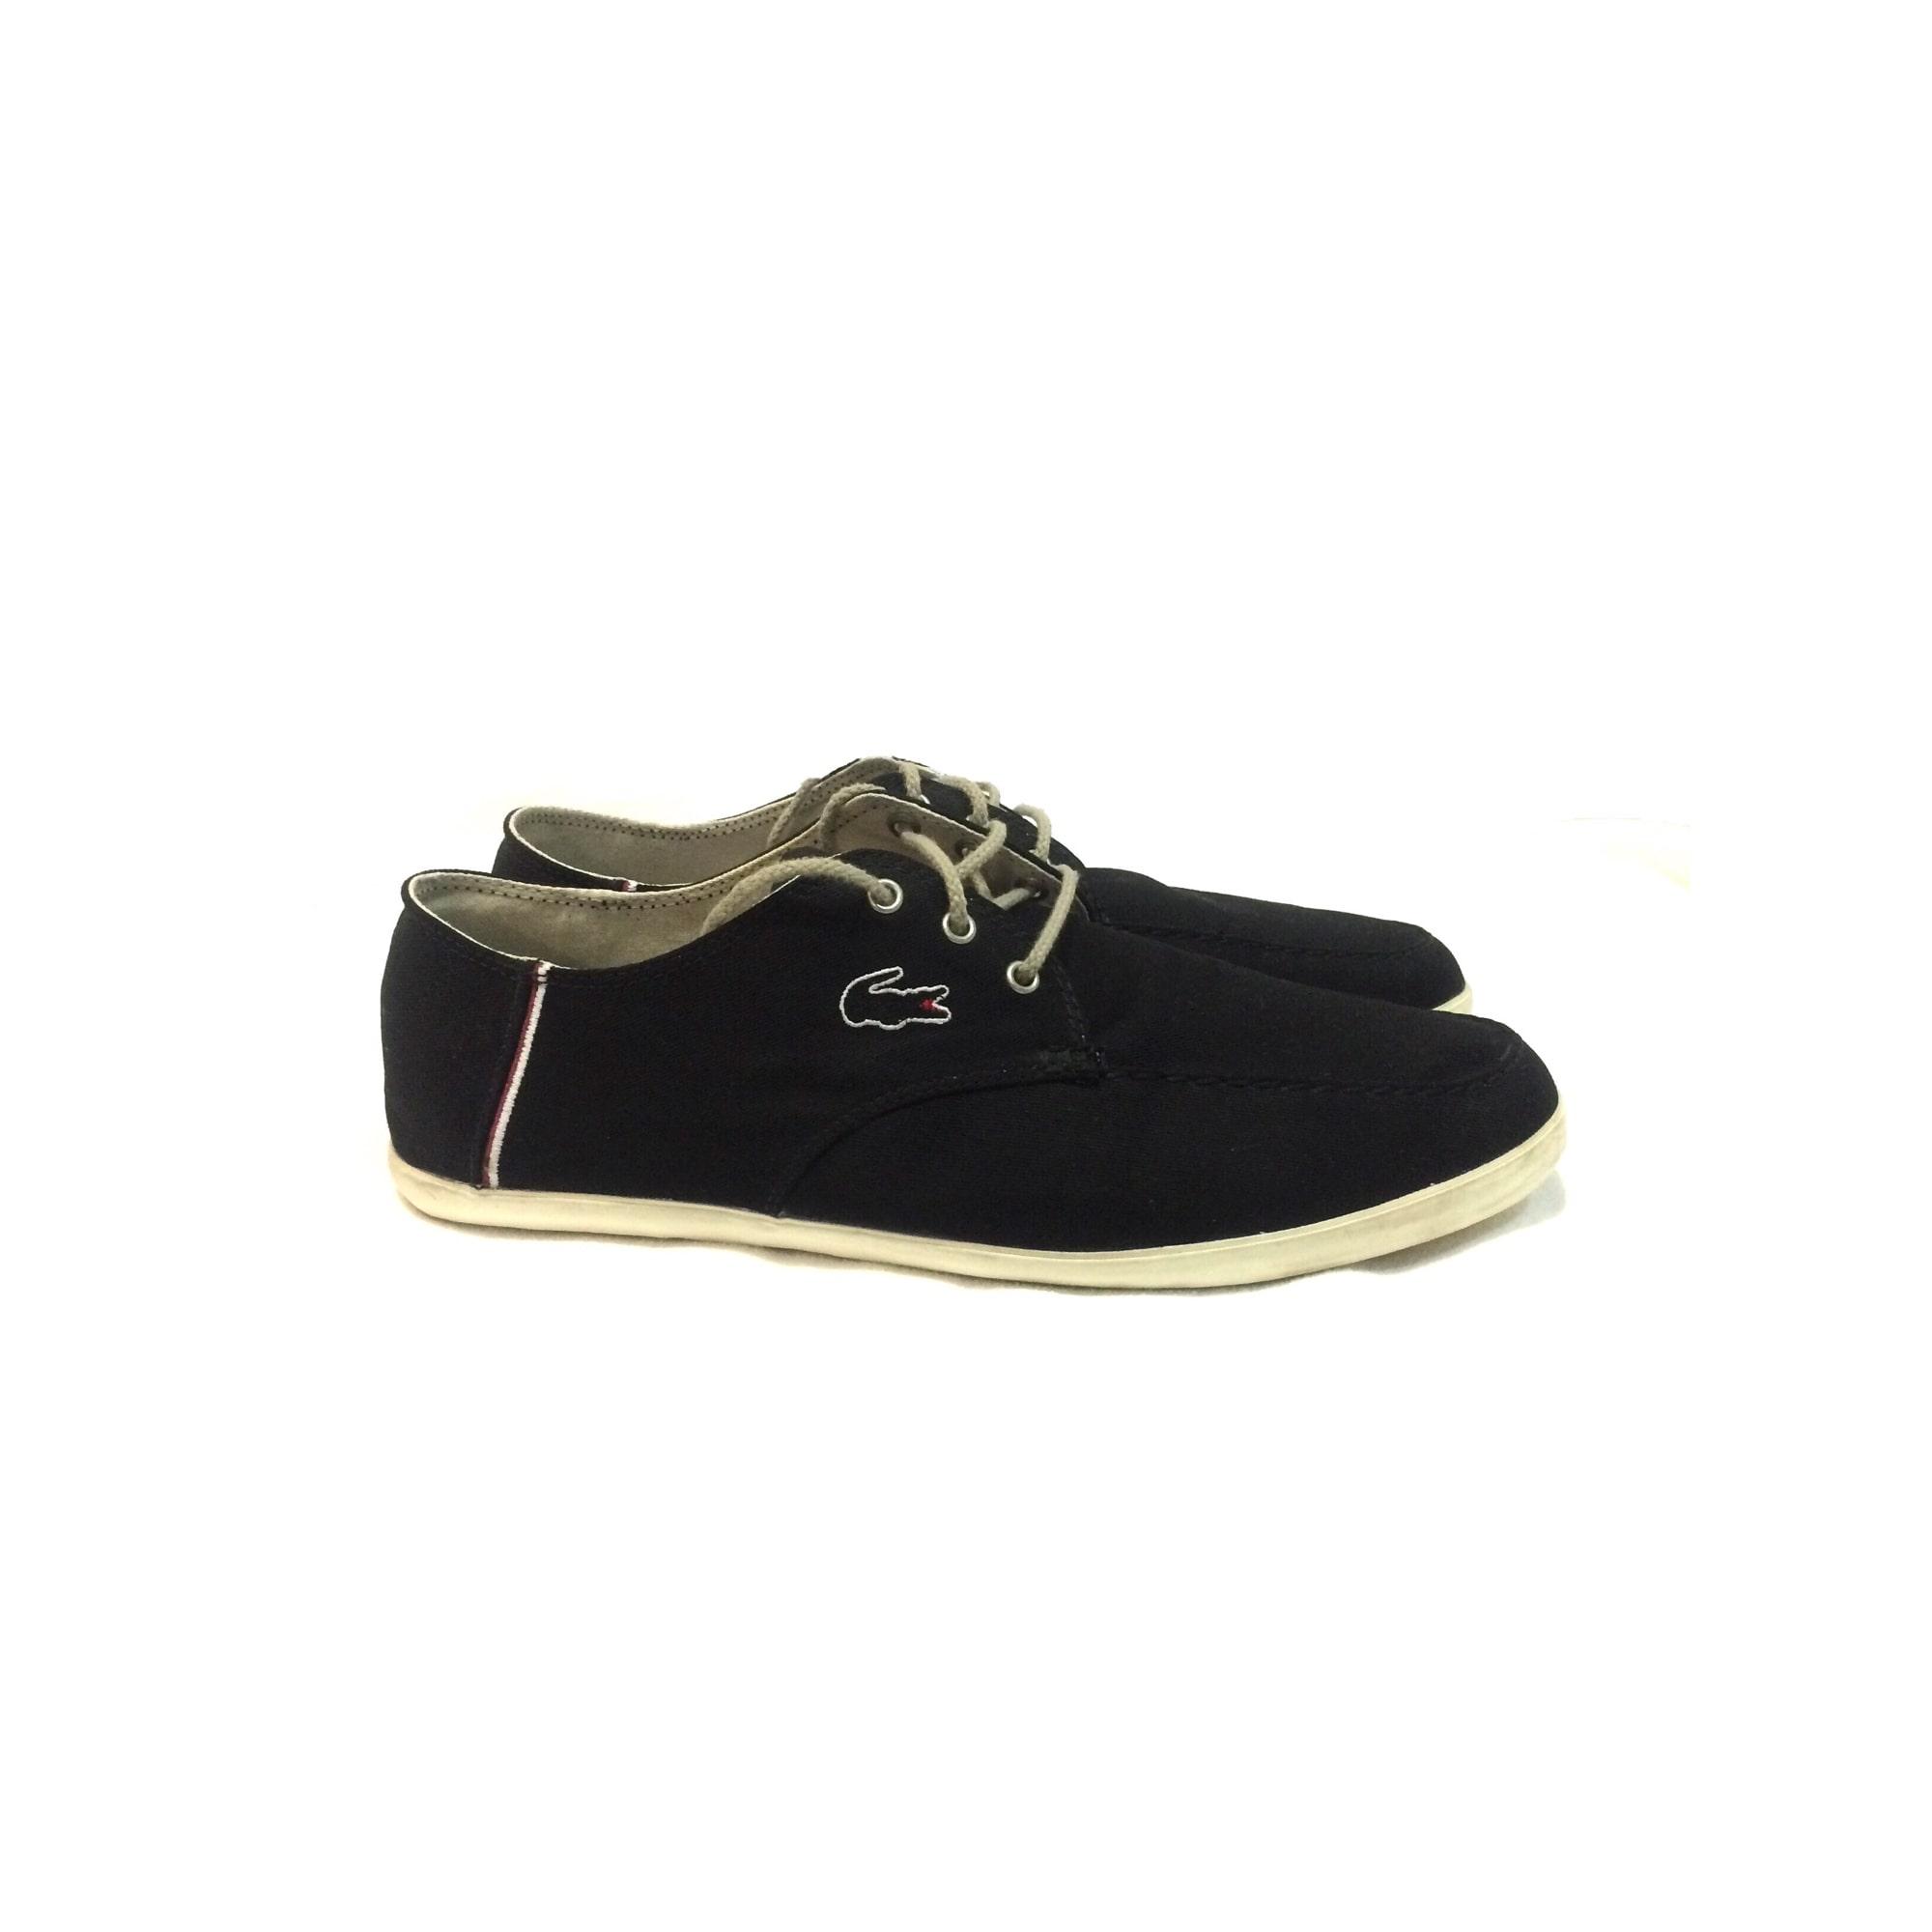 Par Lacoste À Lacets Chaussures 45 Noir 6911443 Vendu Vic6 qSUzpMV